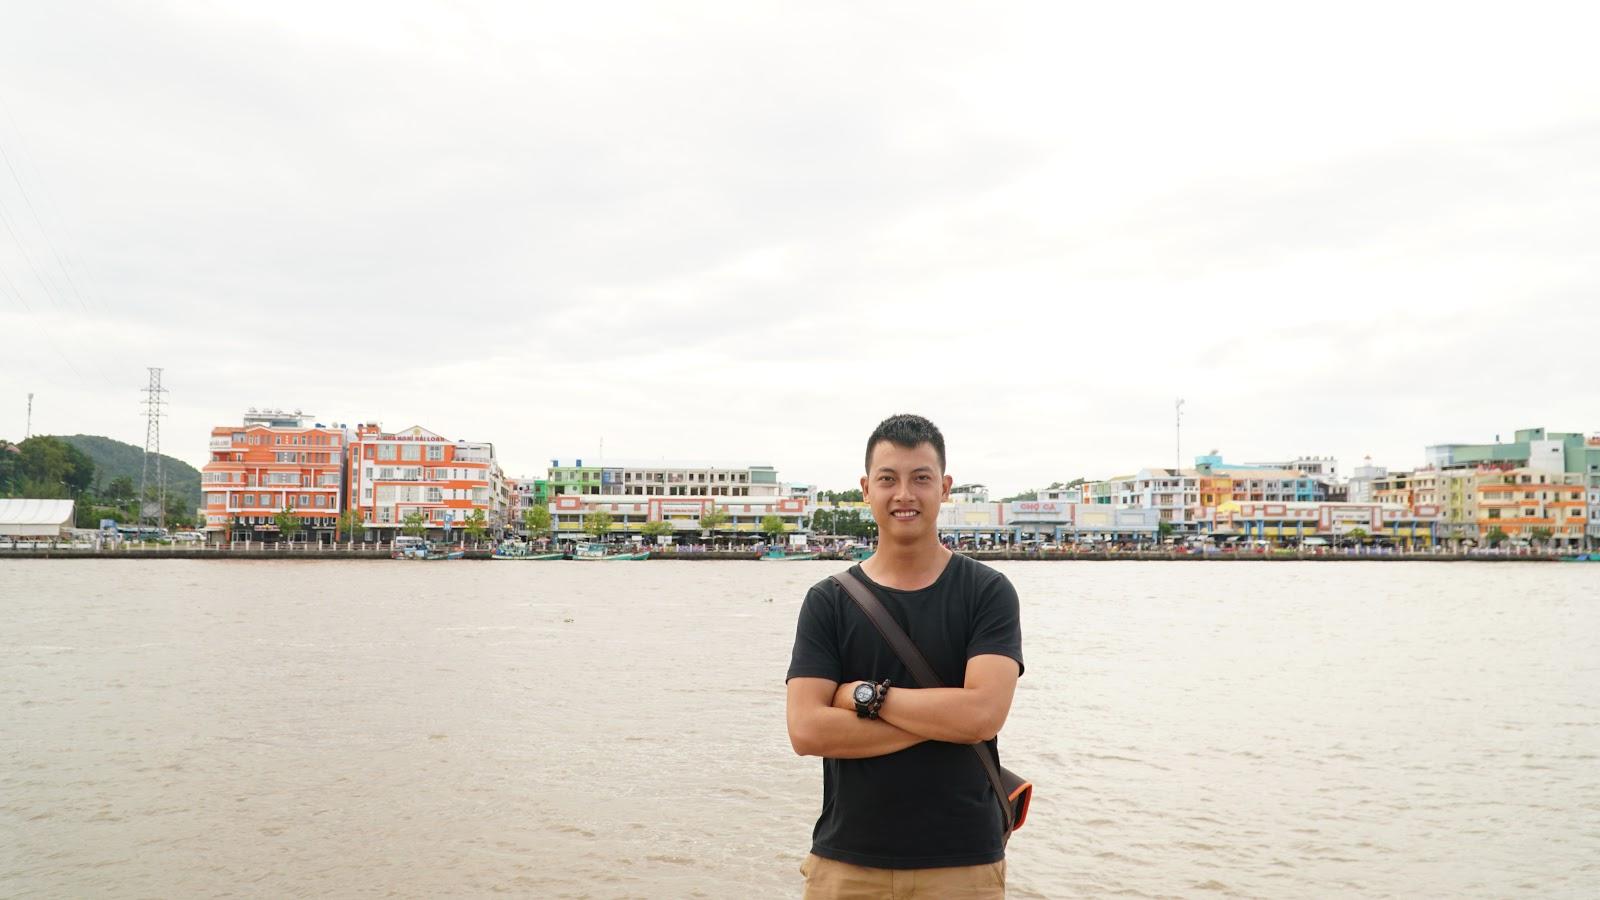 Bên kia bờ là Thành phố Hà Tiên, giáp với Campuchia